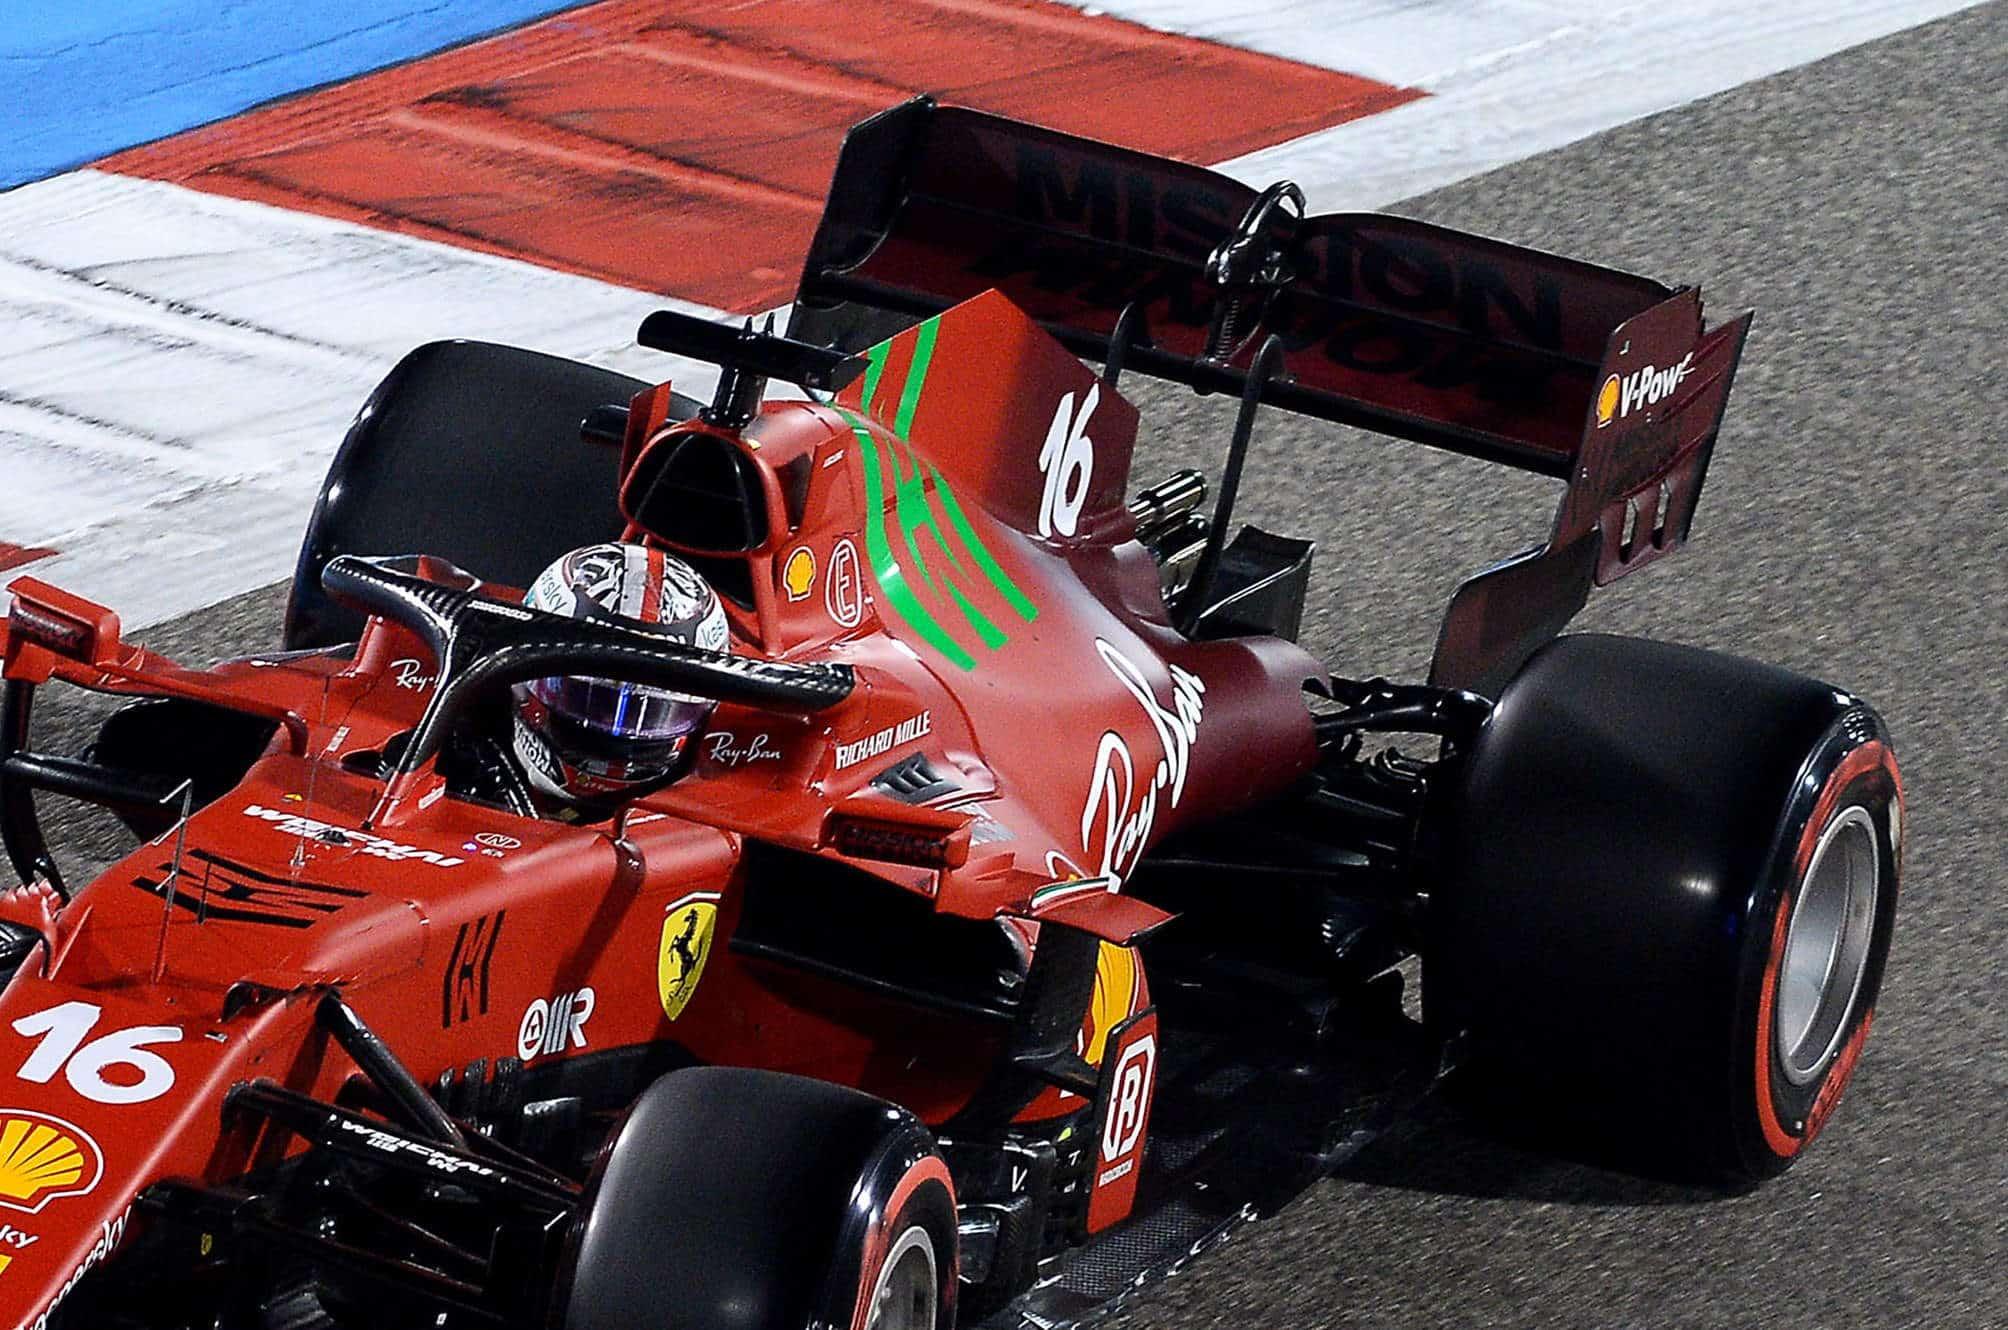 2021 Bahrain GP Leclerc Ferrari SF21 soft C4 Pirelli rear end sidepod Photo Ferrari